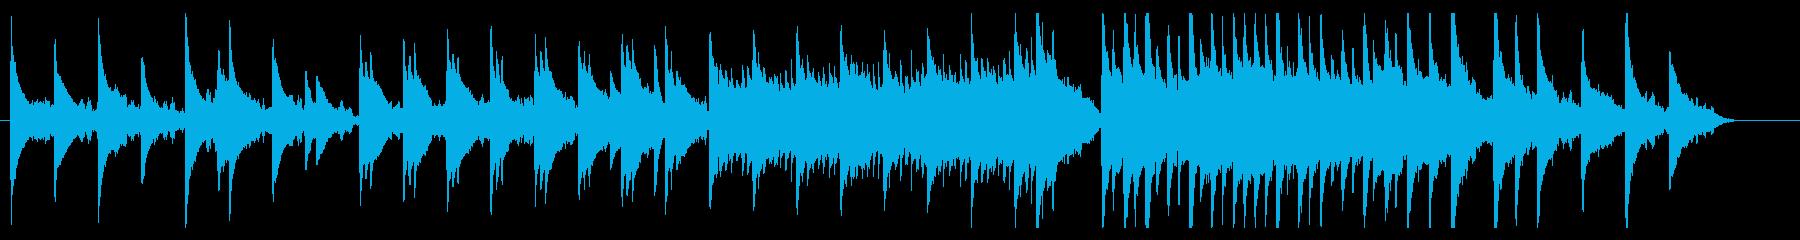 ピアノとストリングスの静かな曲です。の再生済みの波形